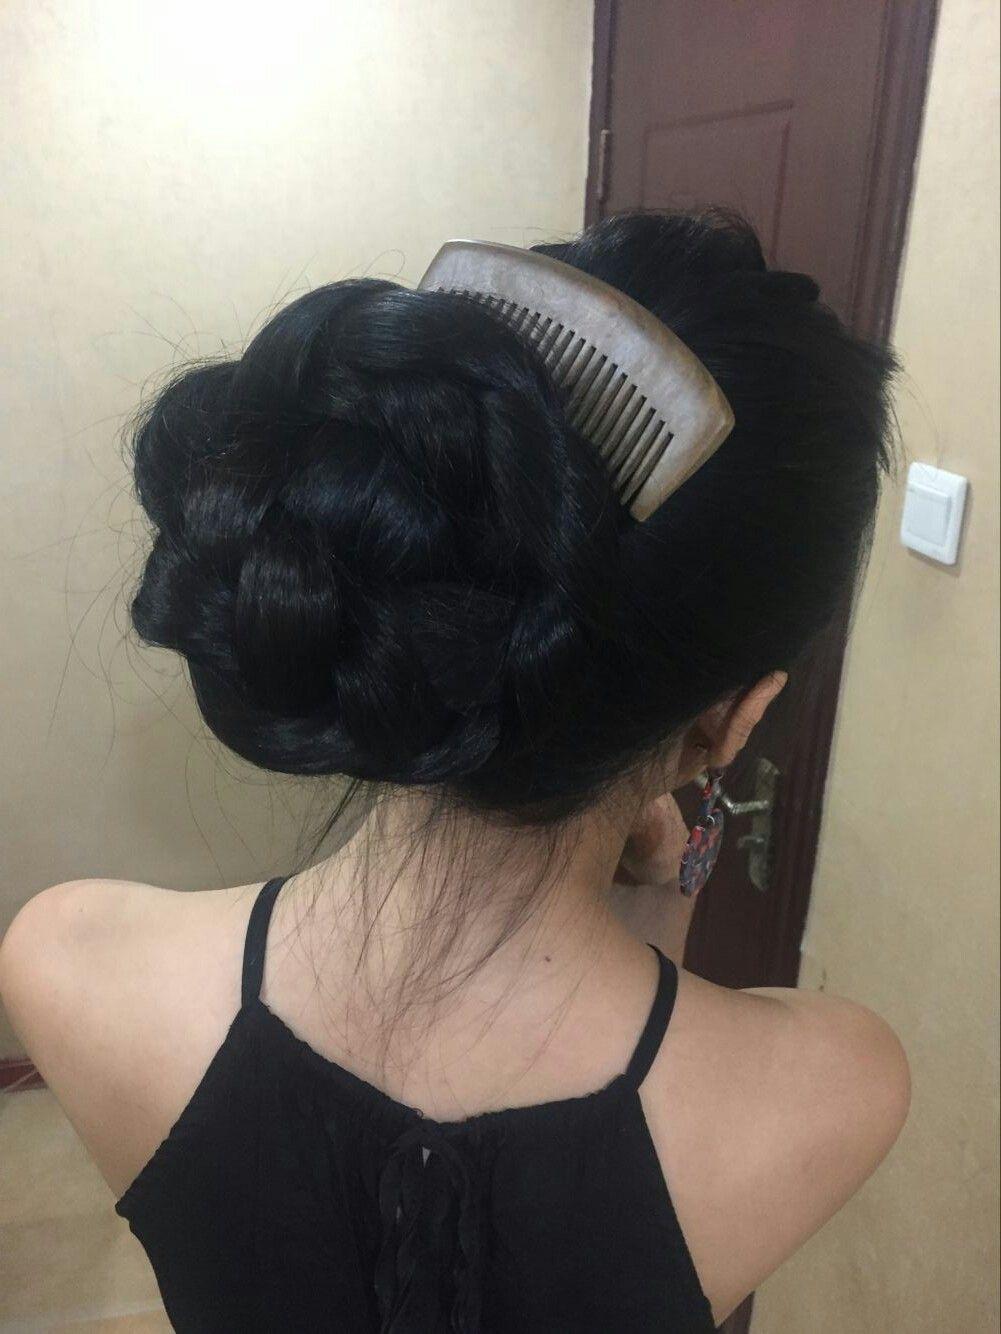 Super Cute Dance Or Cheer Hairstyle Messy Bun With Braid Tutorial Hair Bunhairstyles Bunhairst Long Hair Updo Easy Hair Updos Bun Hairstyles For Long Hair